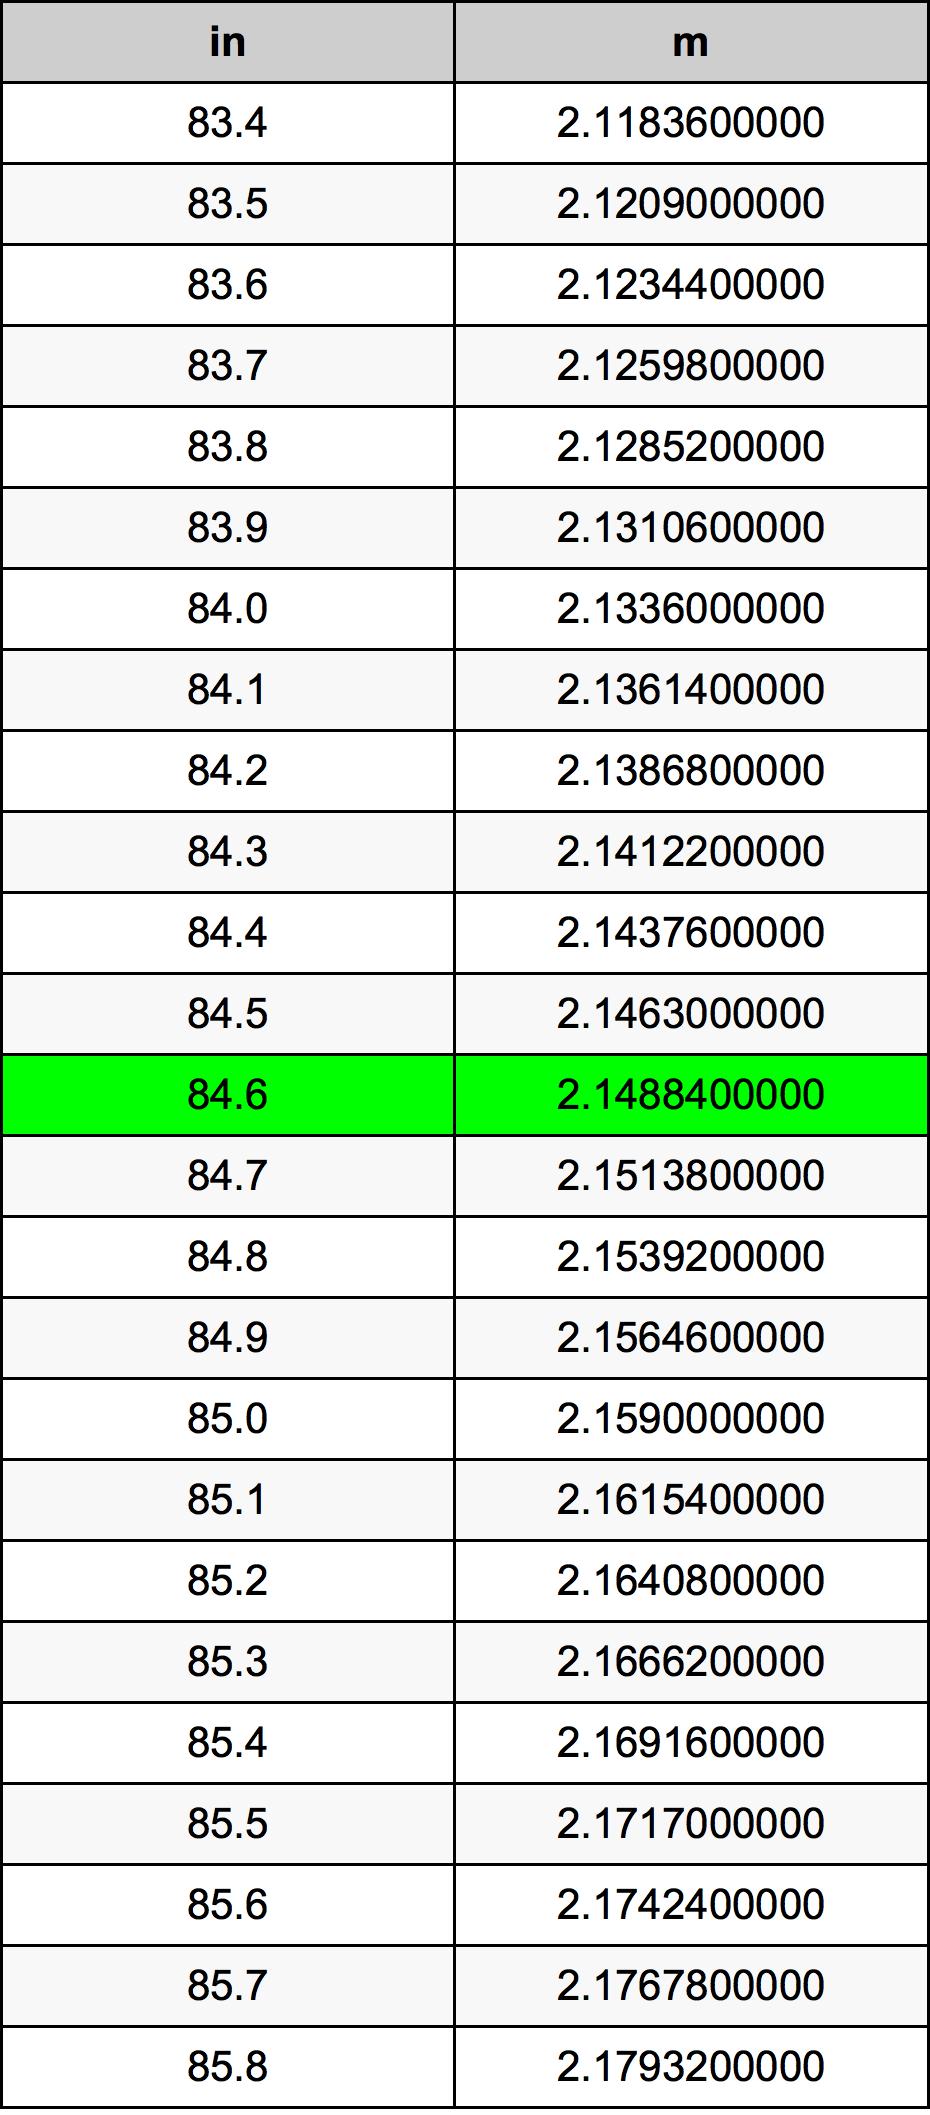 84.6 Tomme konverteringstabellen